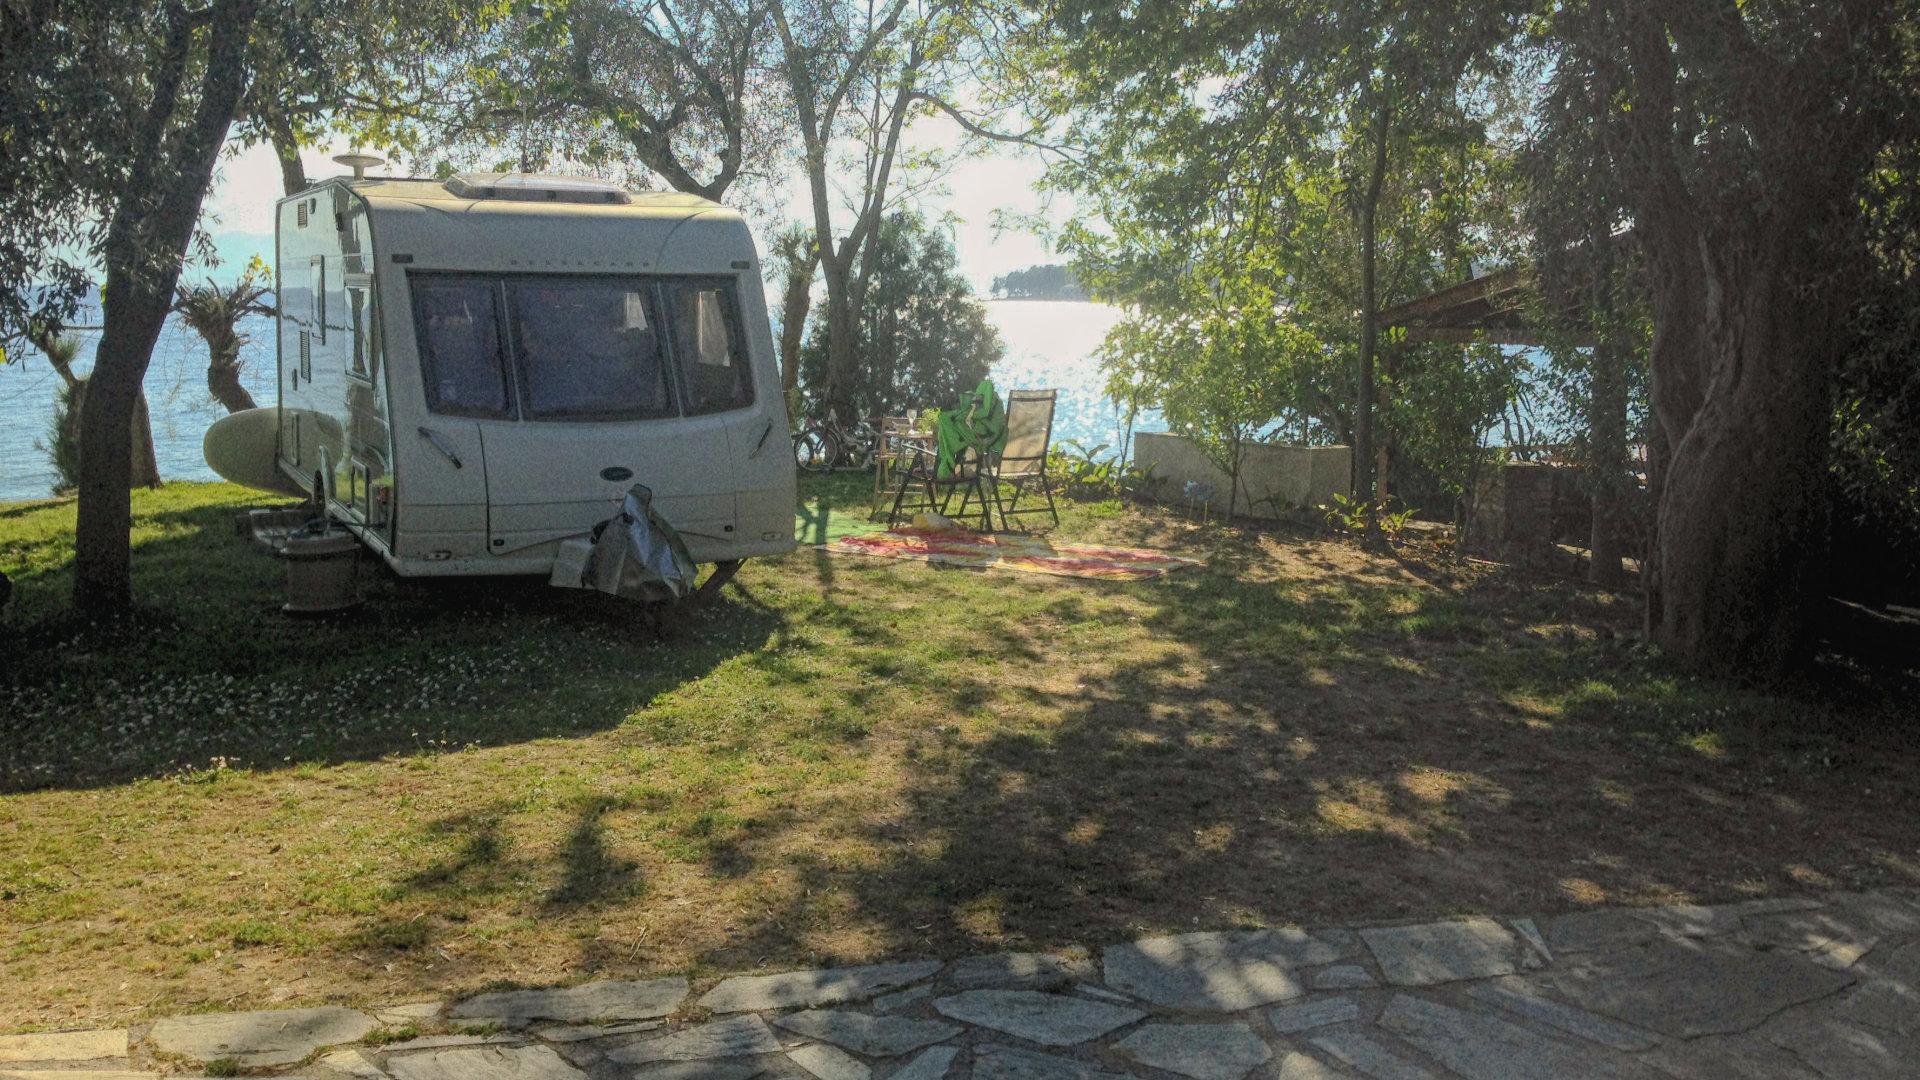 Camping Sikia Greece